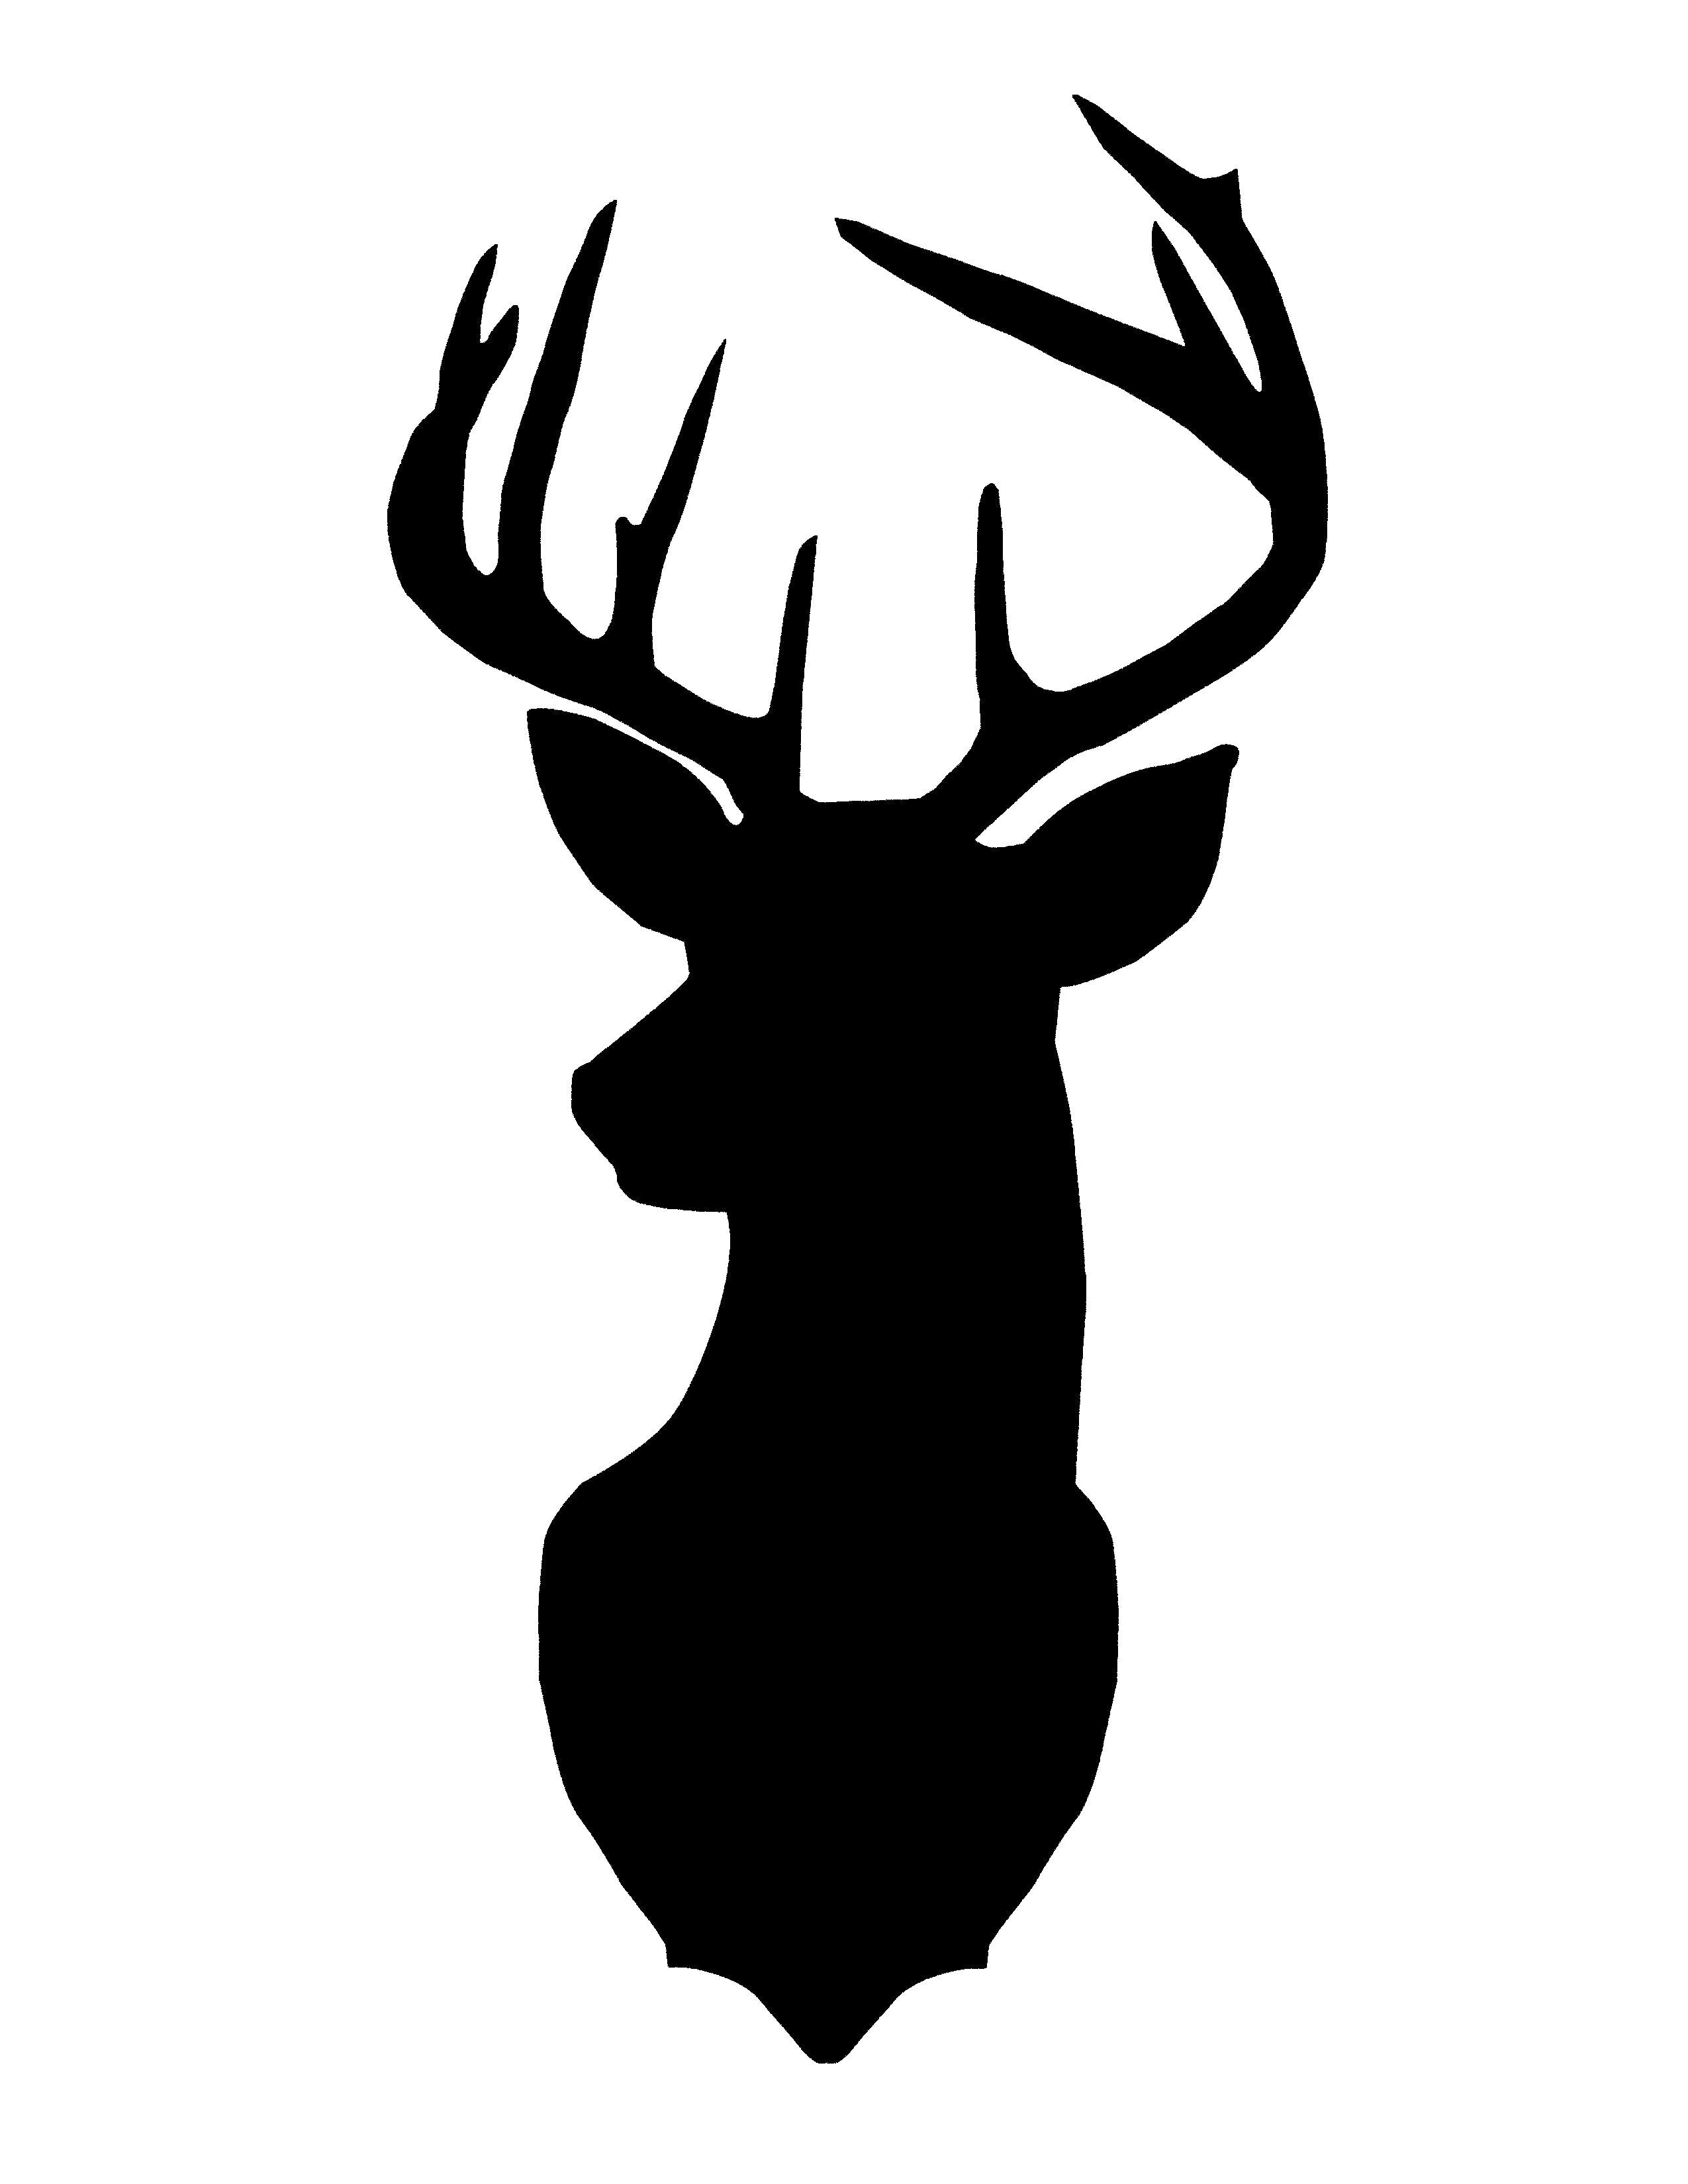 image regarding Printable Deer Head named Deer Mind Define Drawing Free of charge obtain most straightforward Deer Thoughts